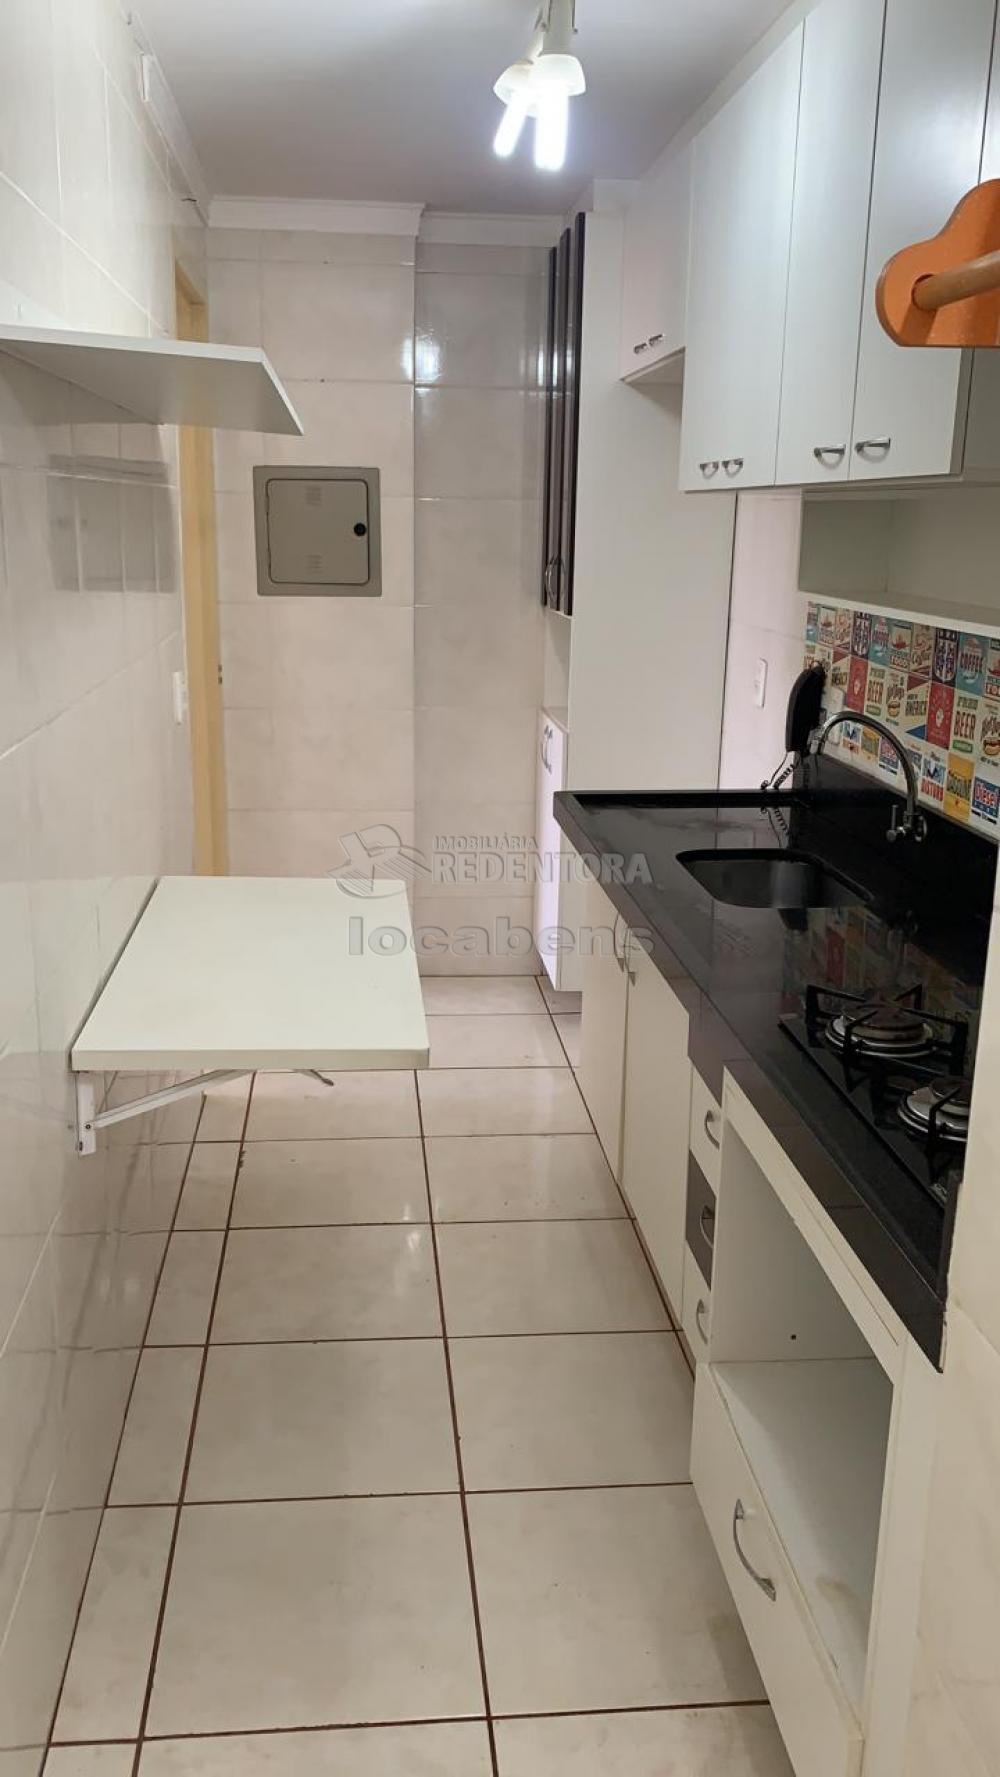 Comprar Apartamento / Padrão em São José do Rio Preto R$ 160.000,00 - Foto 13